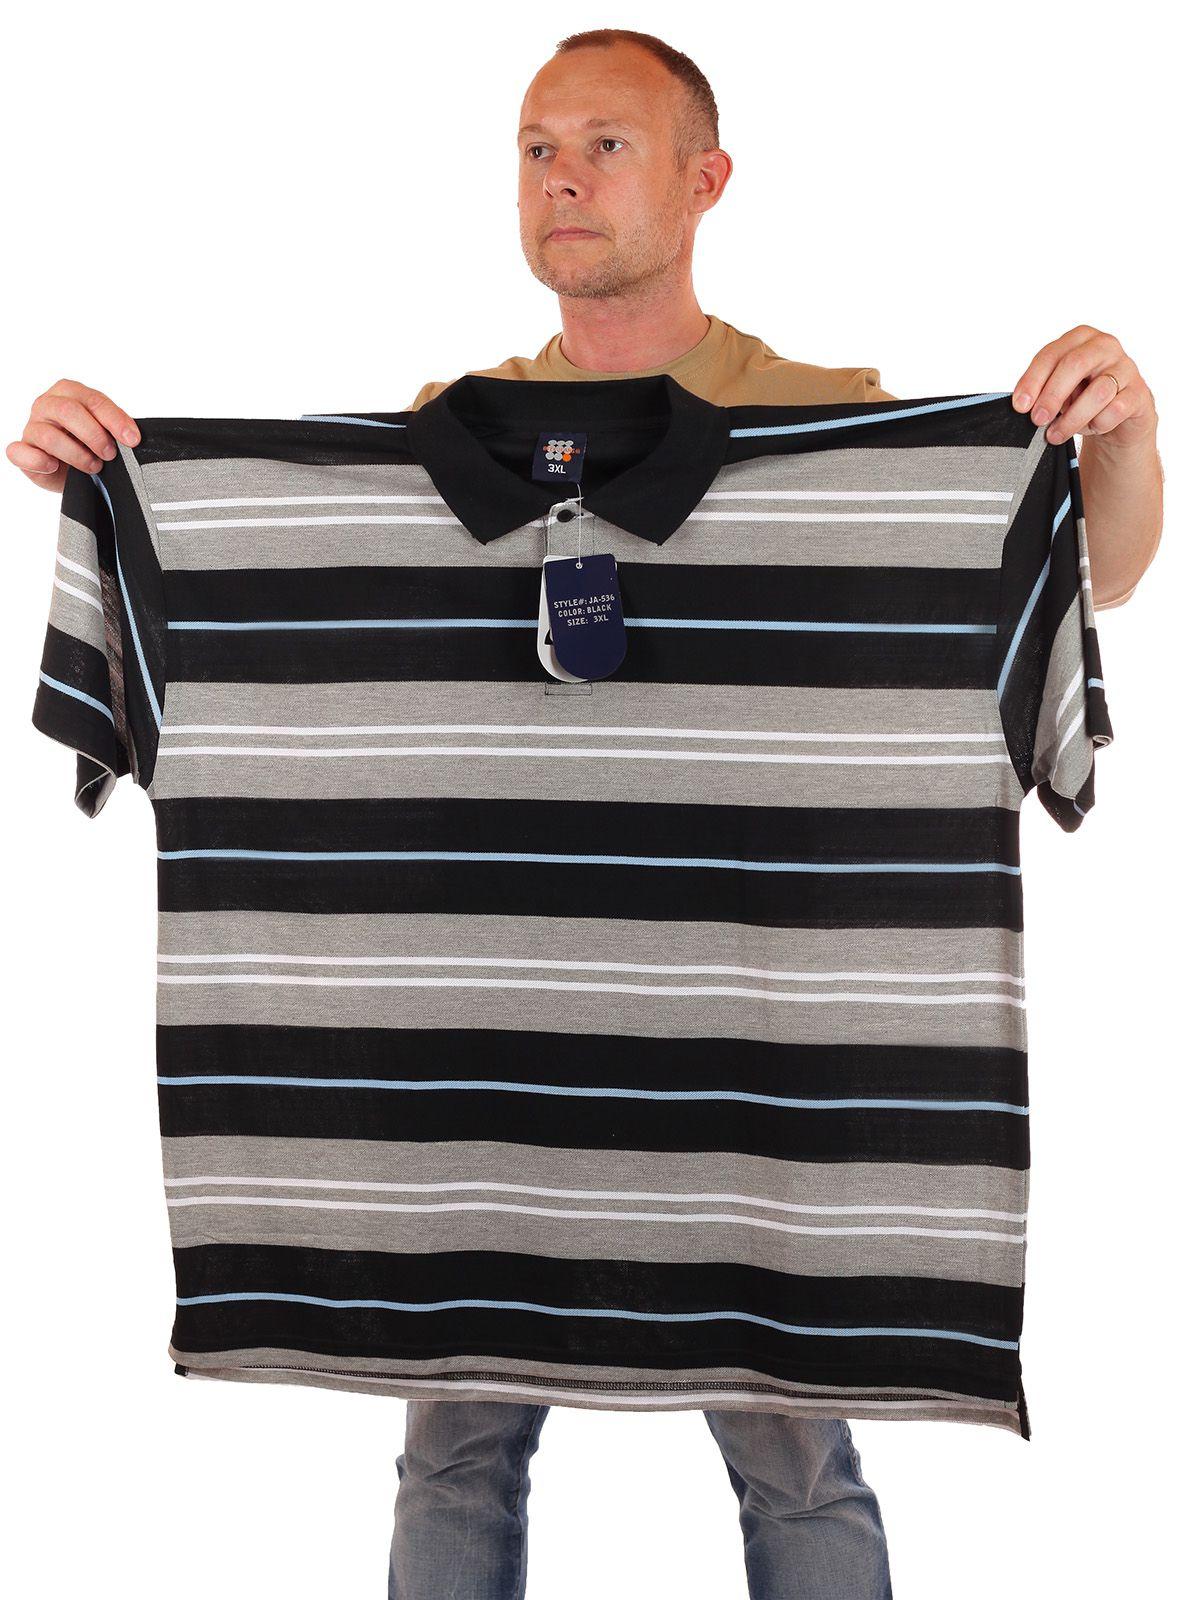 Вся фанатская одежда 175